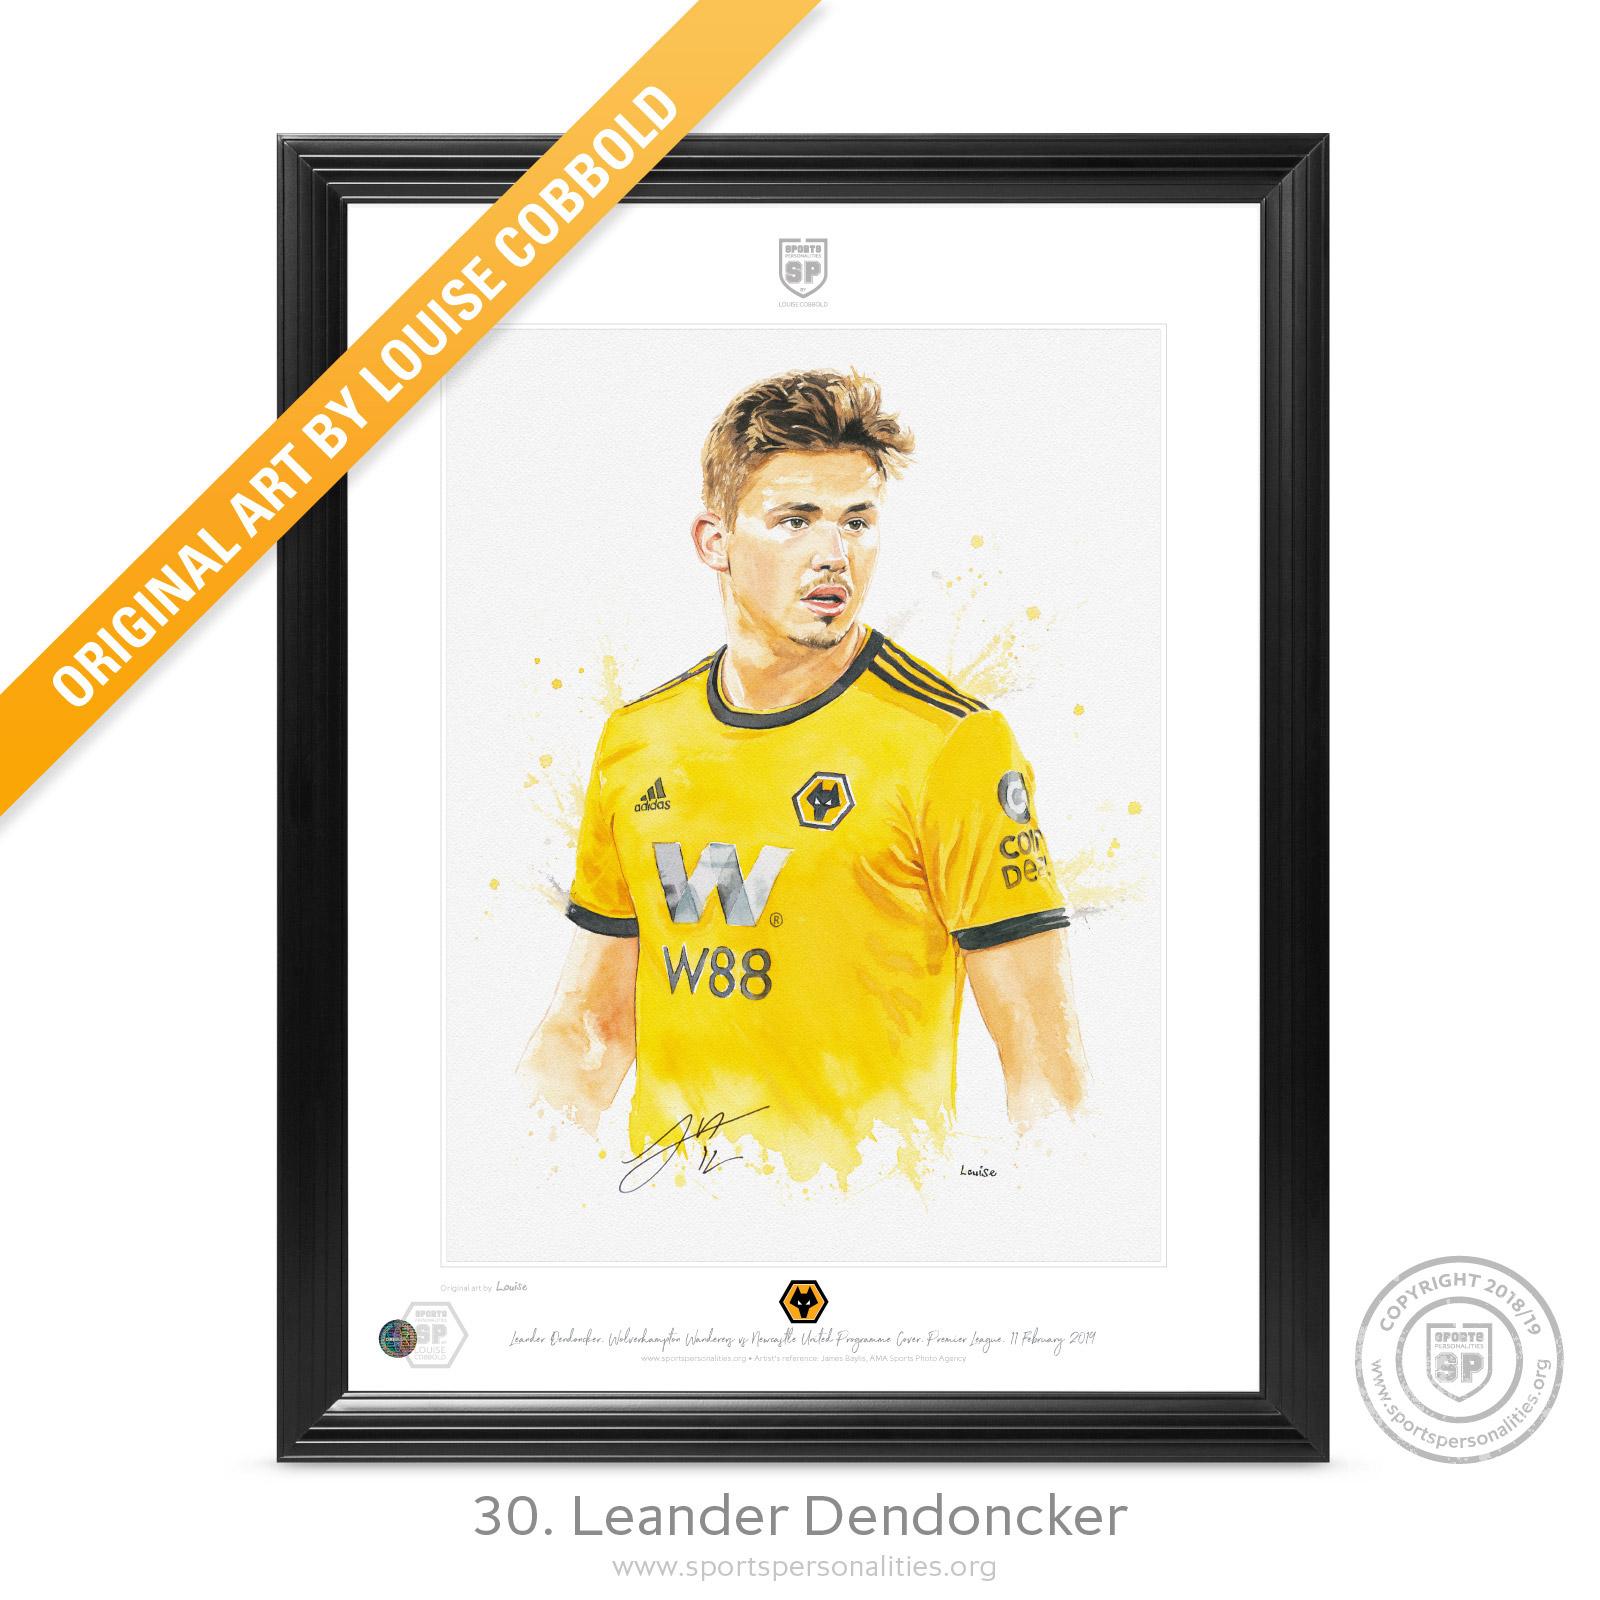 30.-Leander-Dendoncker.jpg